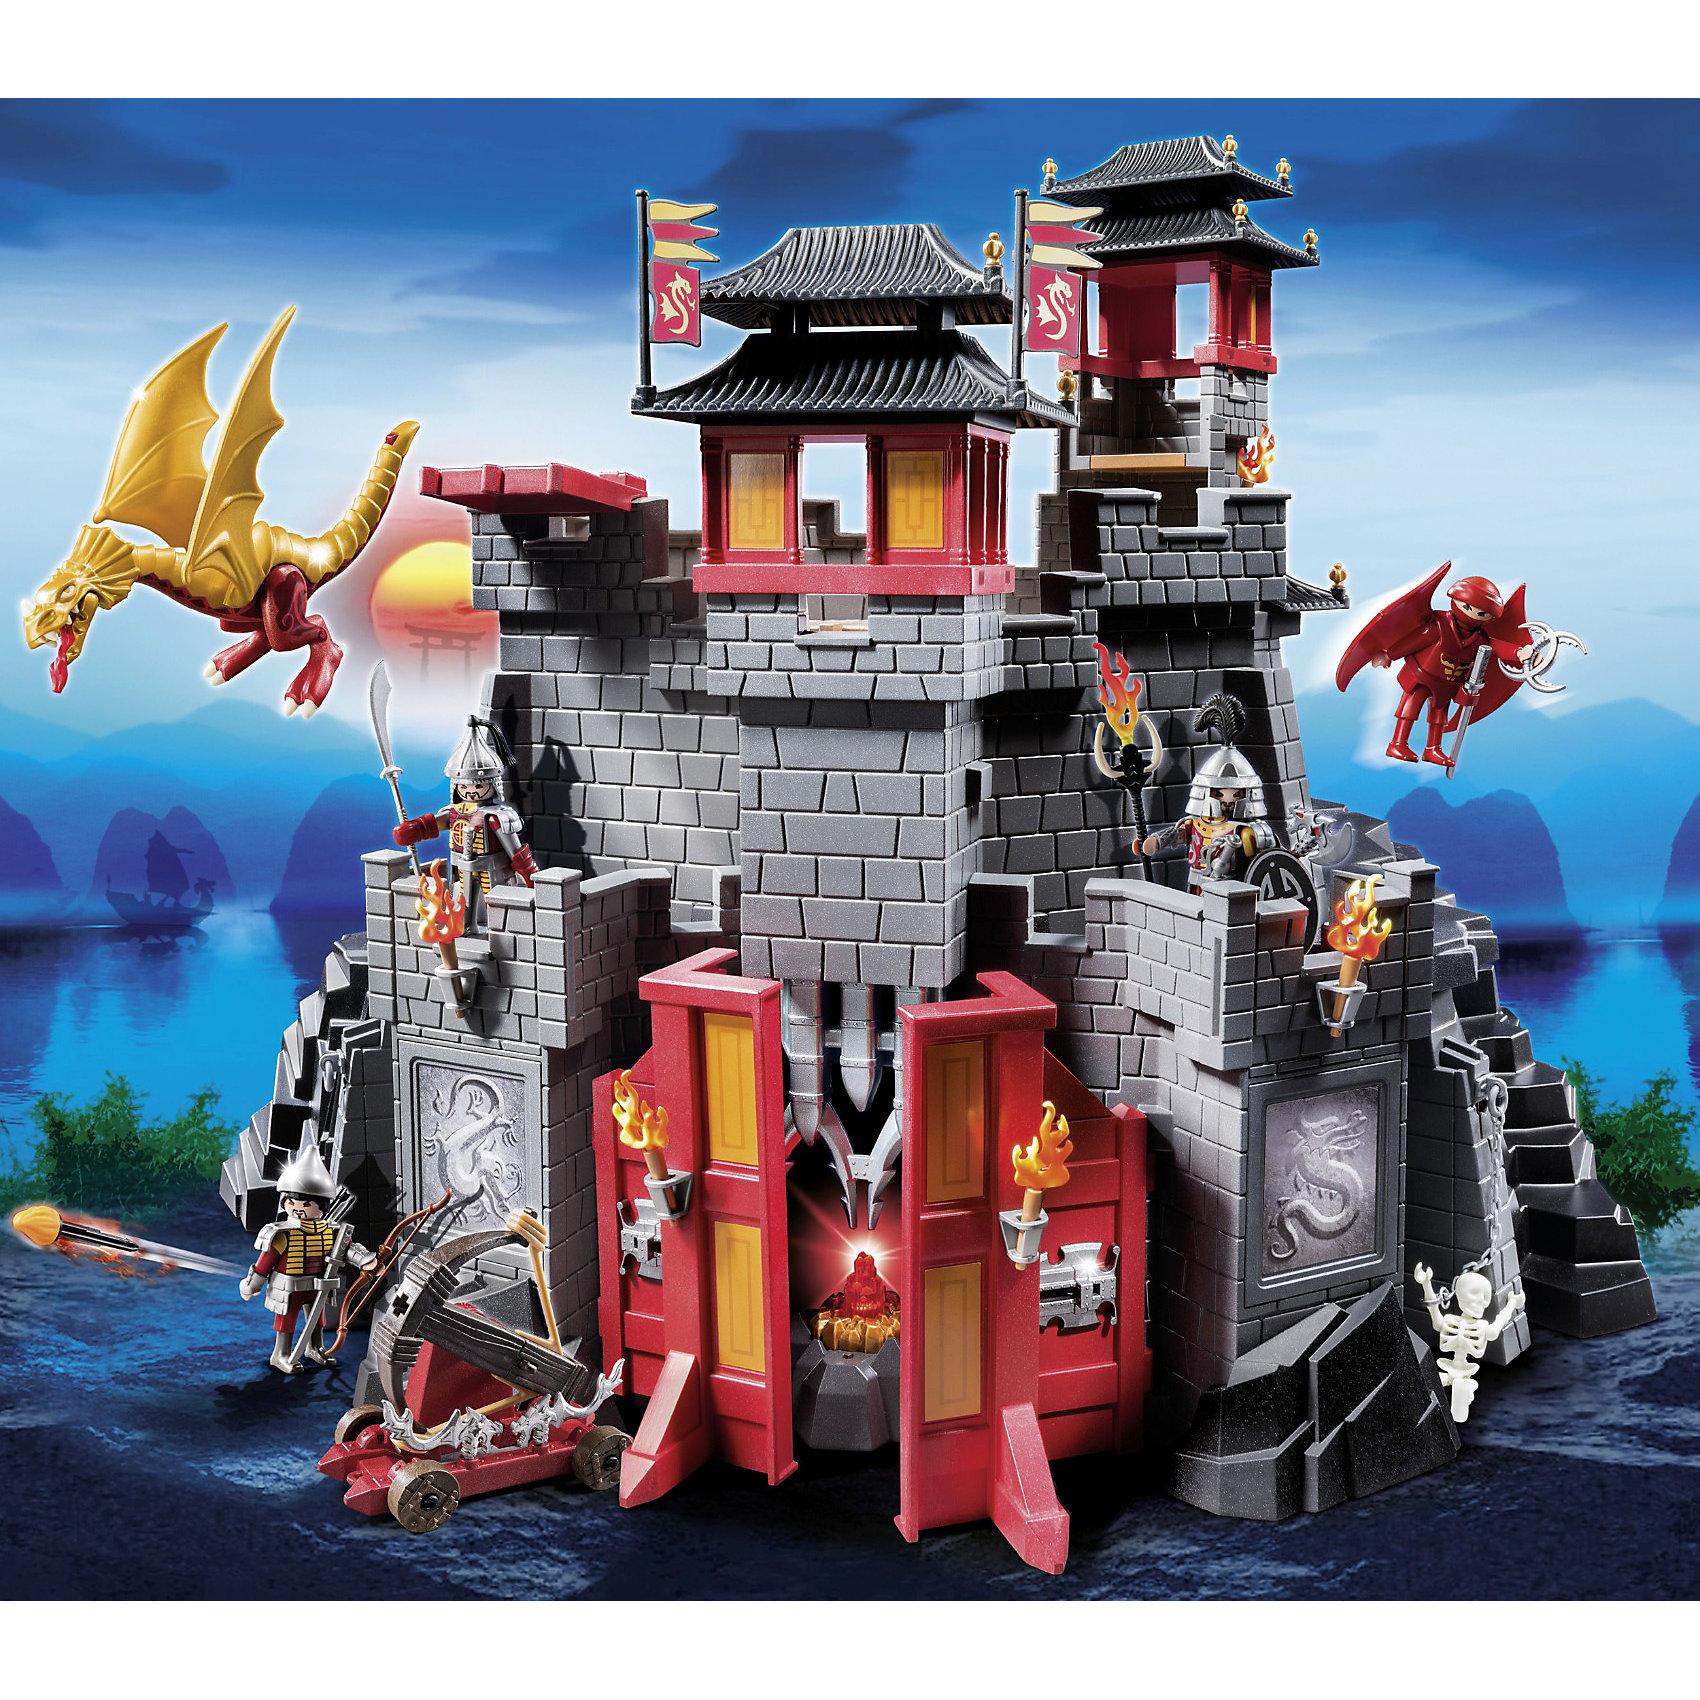 PLAYMOBIL® Восточный замок с золотым драконом, PLAYMOBIL playmobil игровой набор королева лунного света с жеребенком пегаса